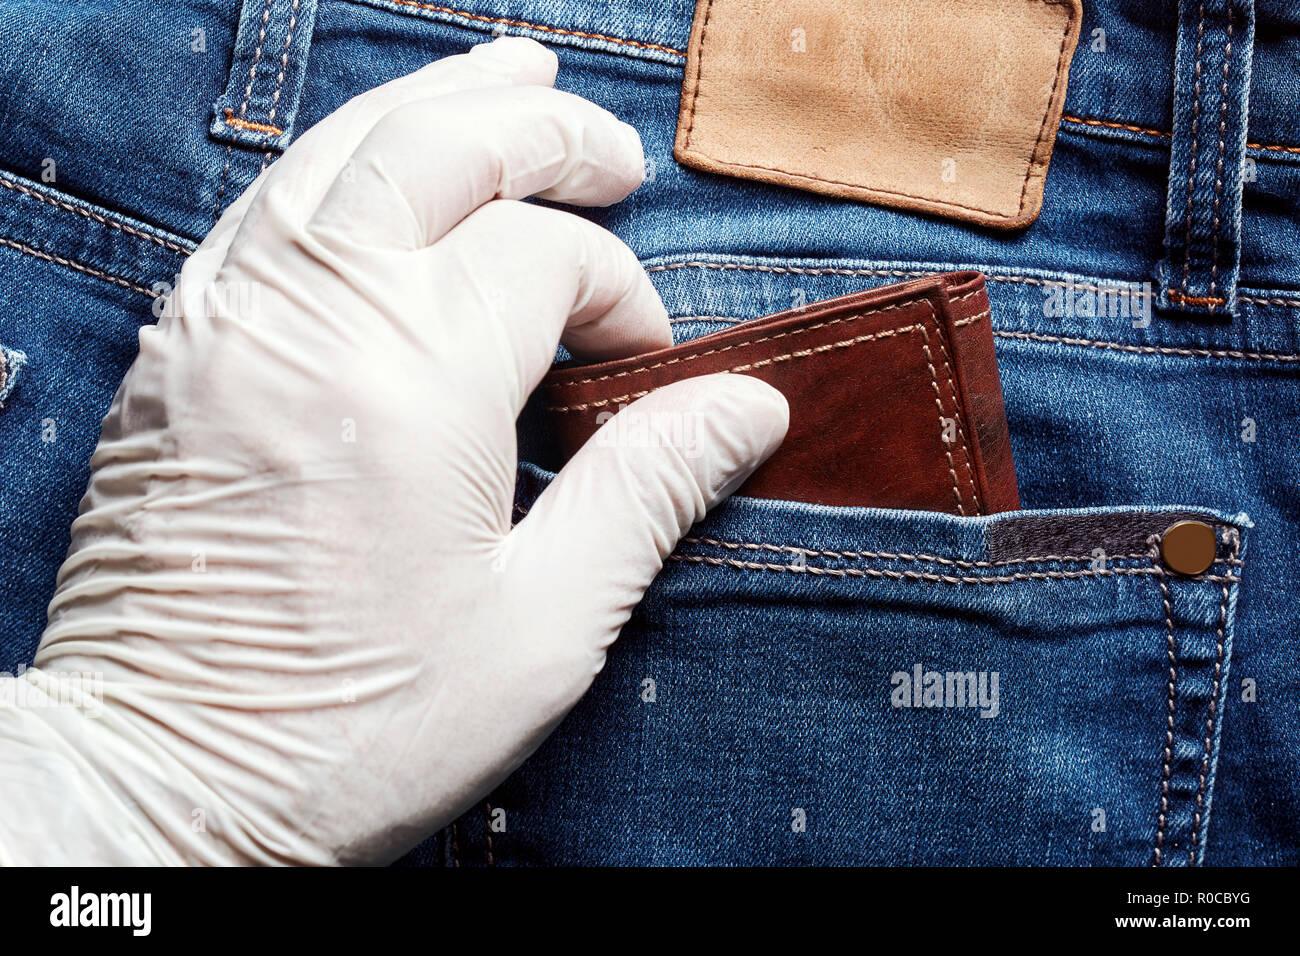 804cf8a261b59 Dieb ein weißes Vinyl Handschuh stiehlt ein Portemonnaie aus der  Gesäßtasche der Jeans. Nahaufnahme von